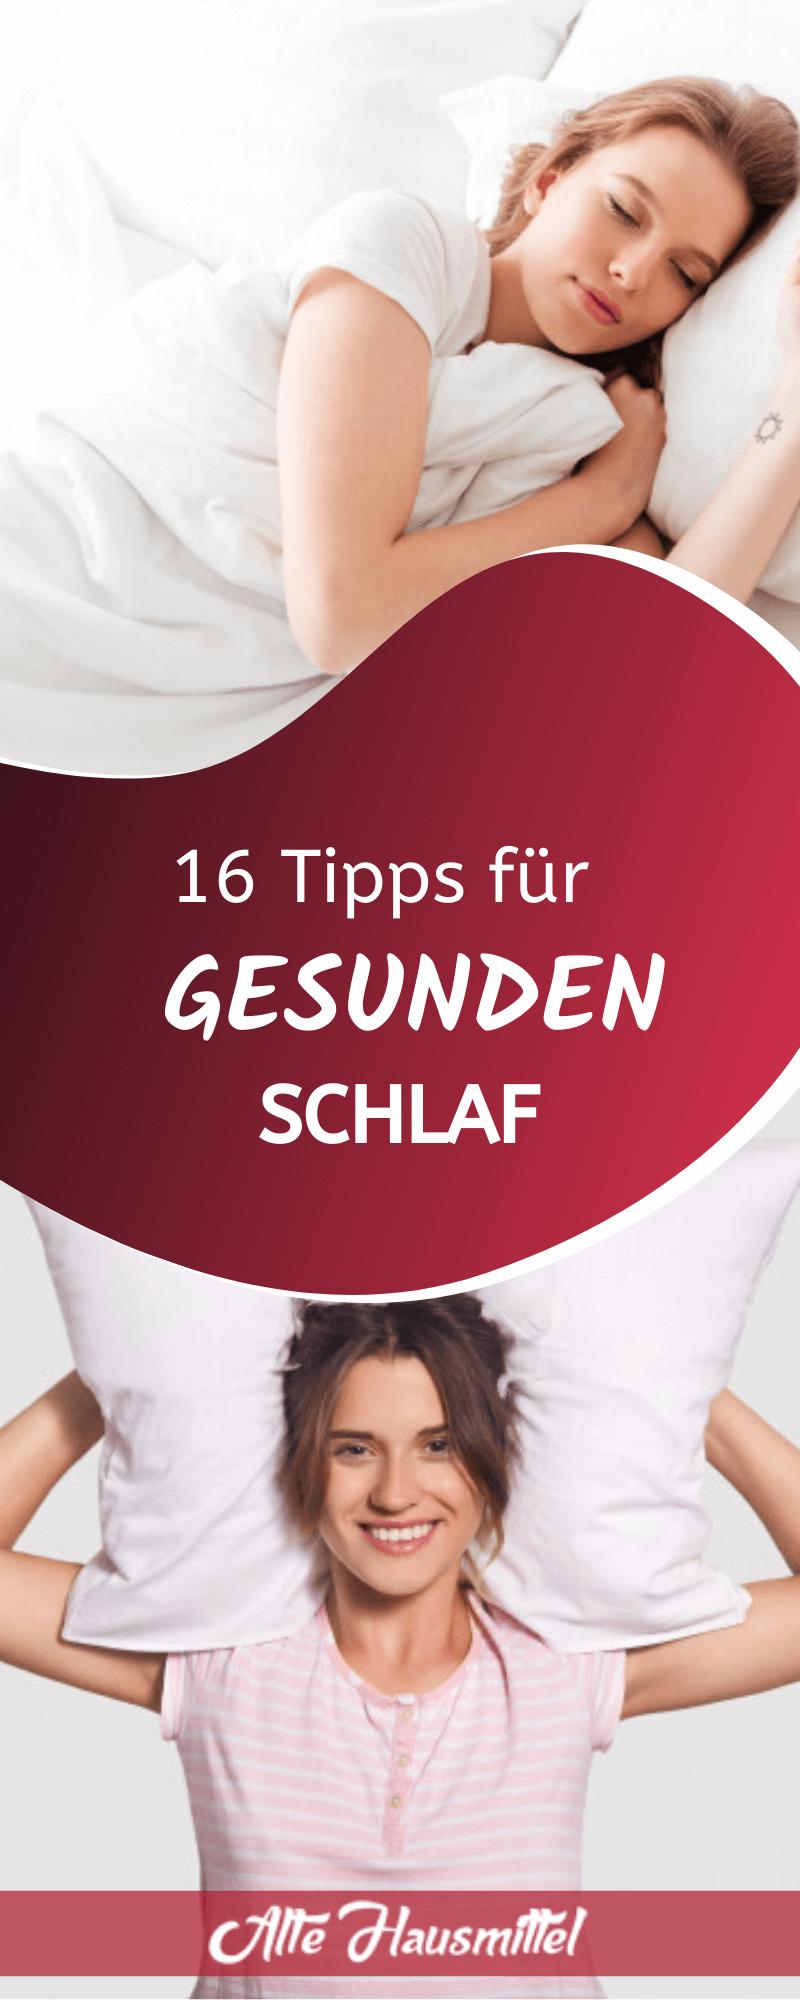 16 Tipps für gesunden Schlaf